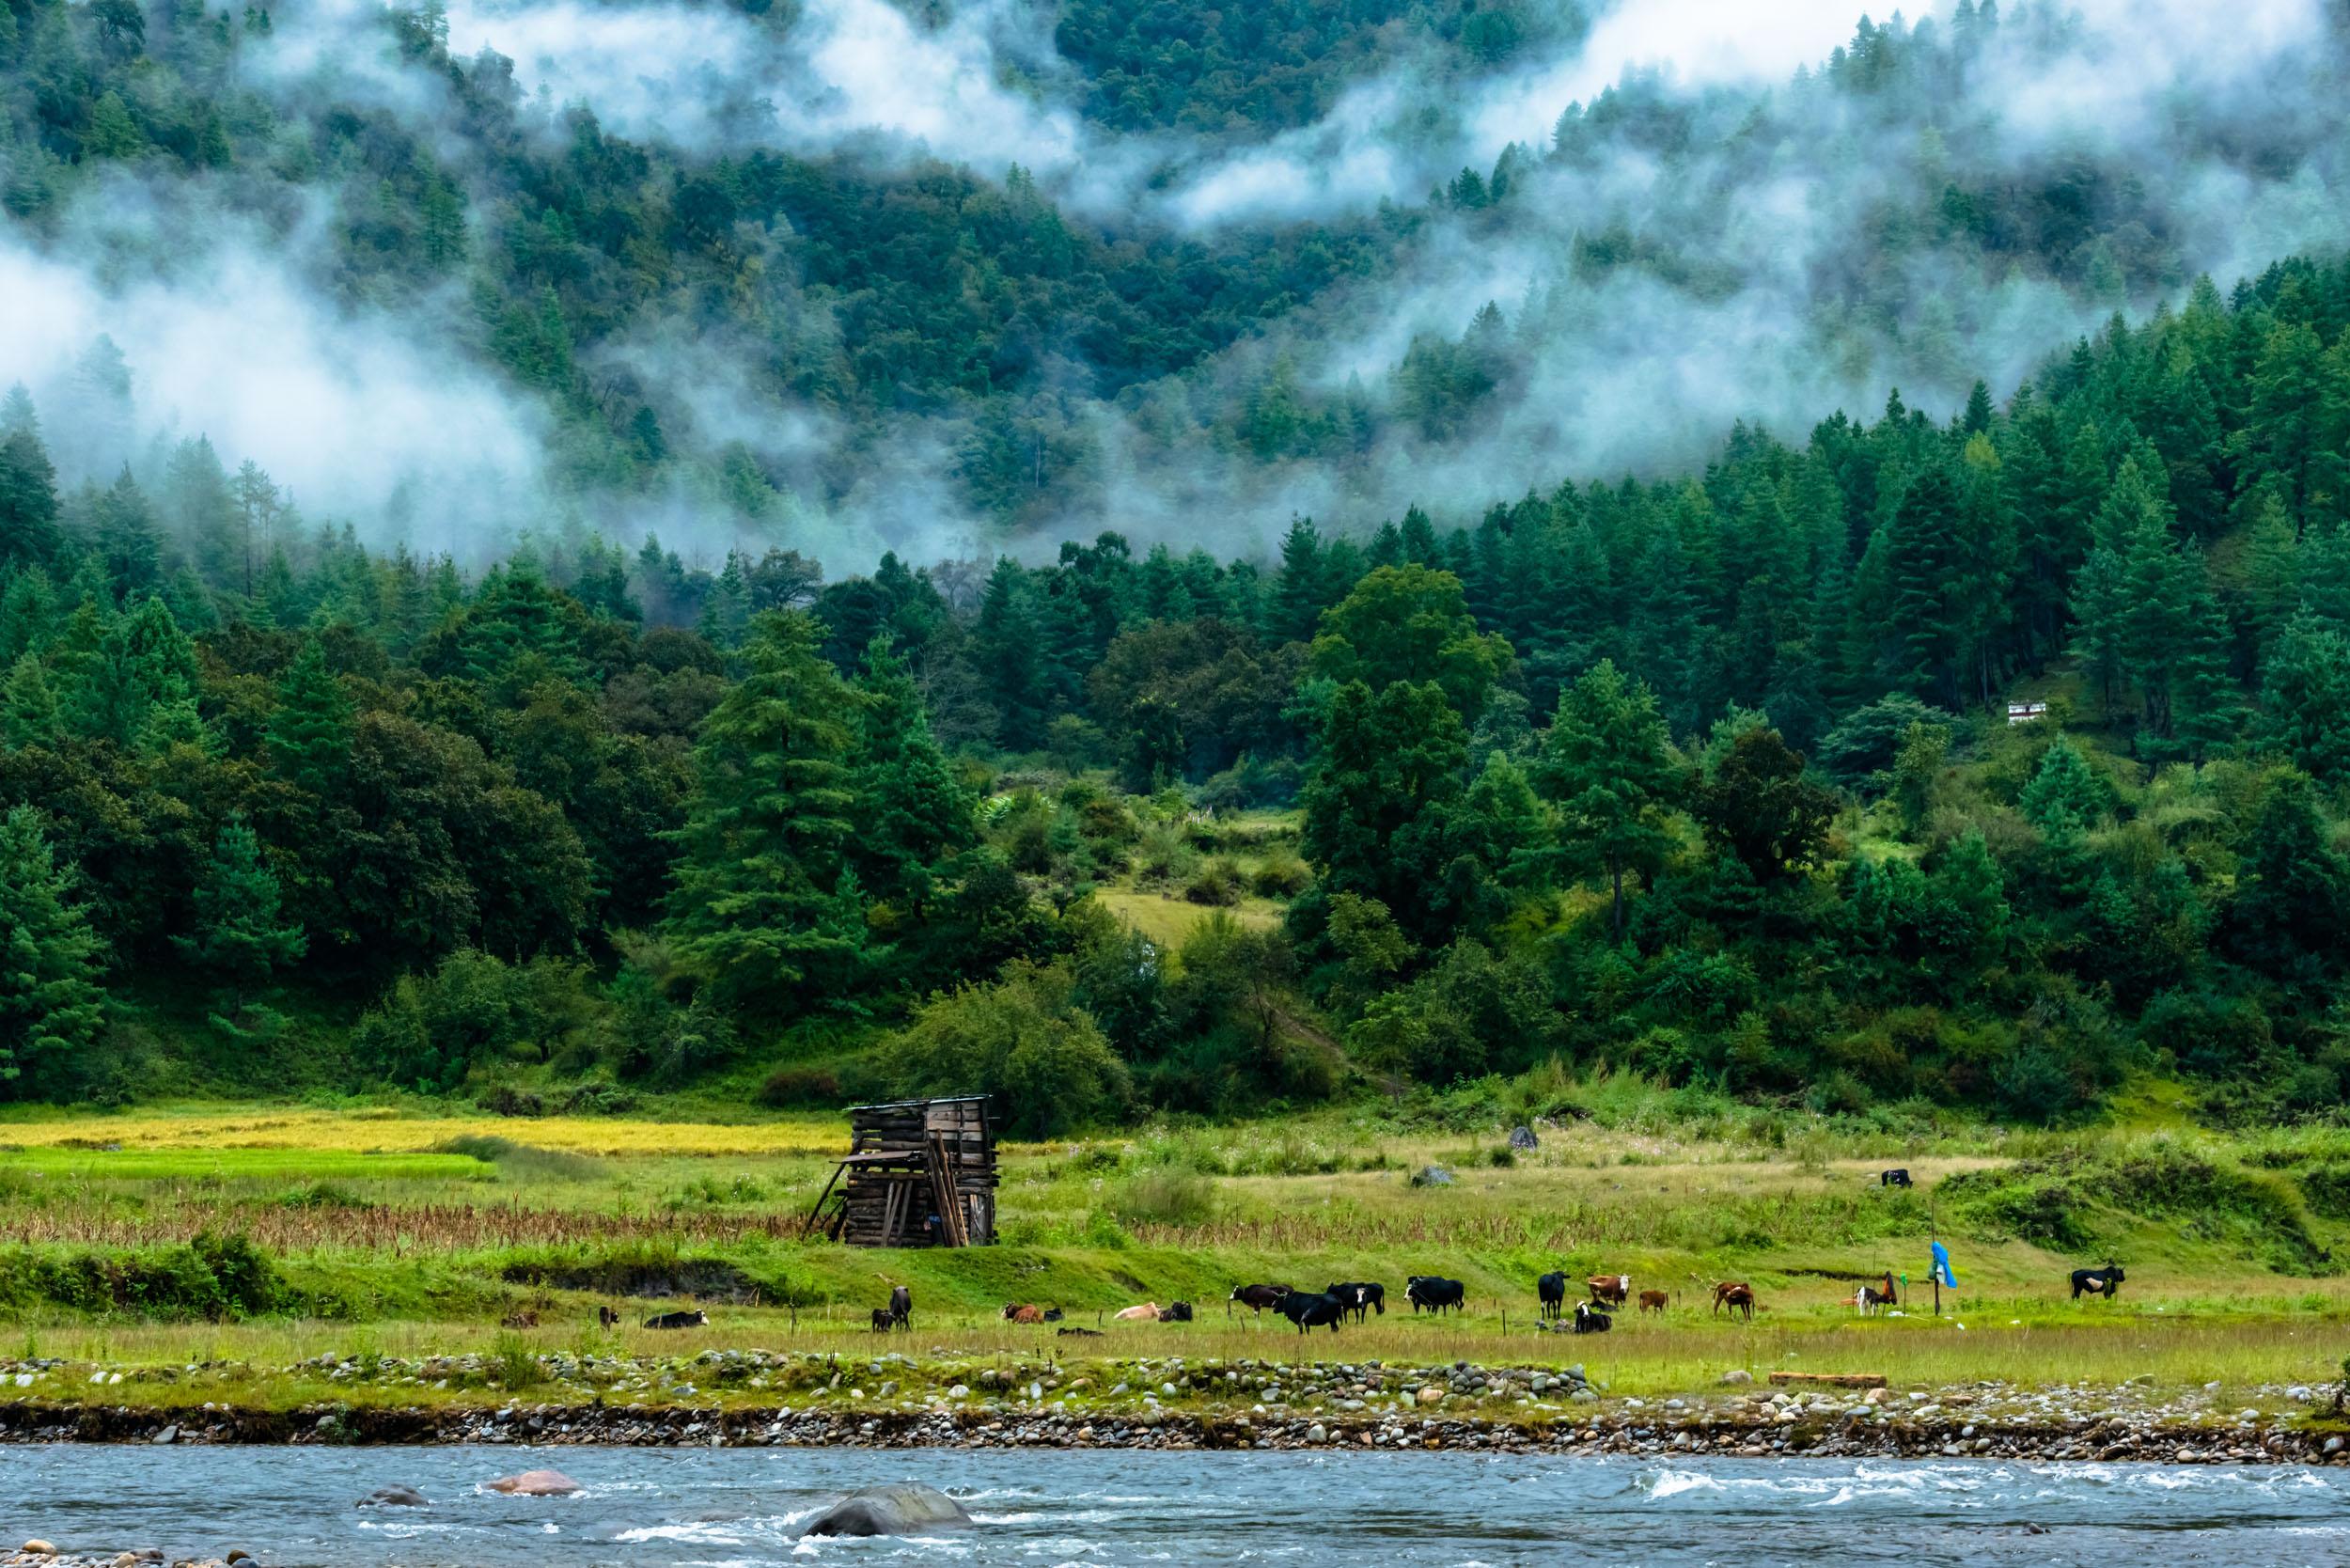 Cattle beside streams